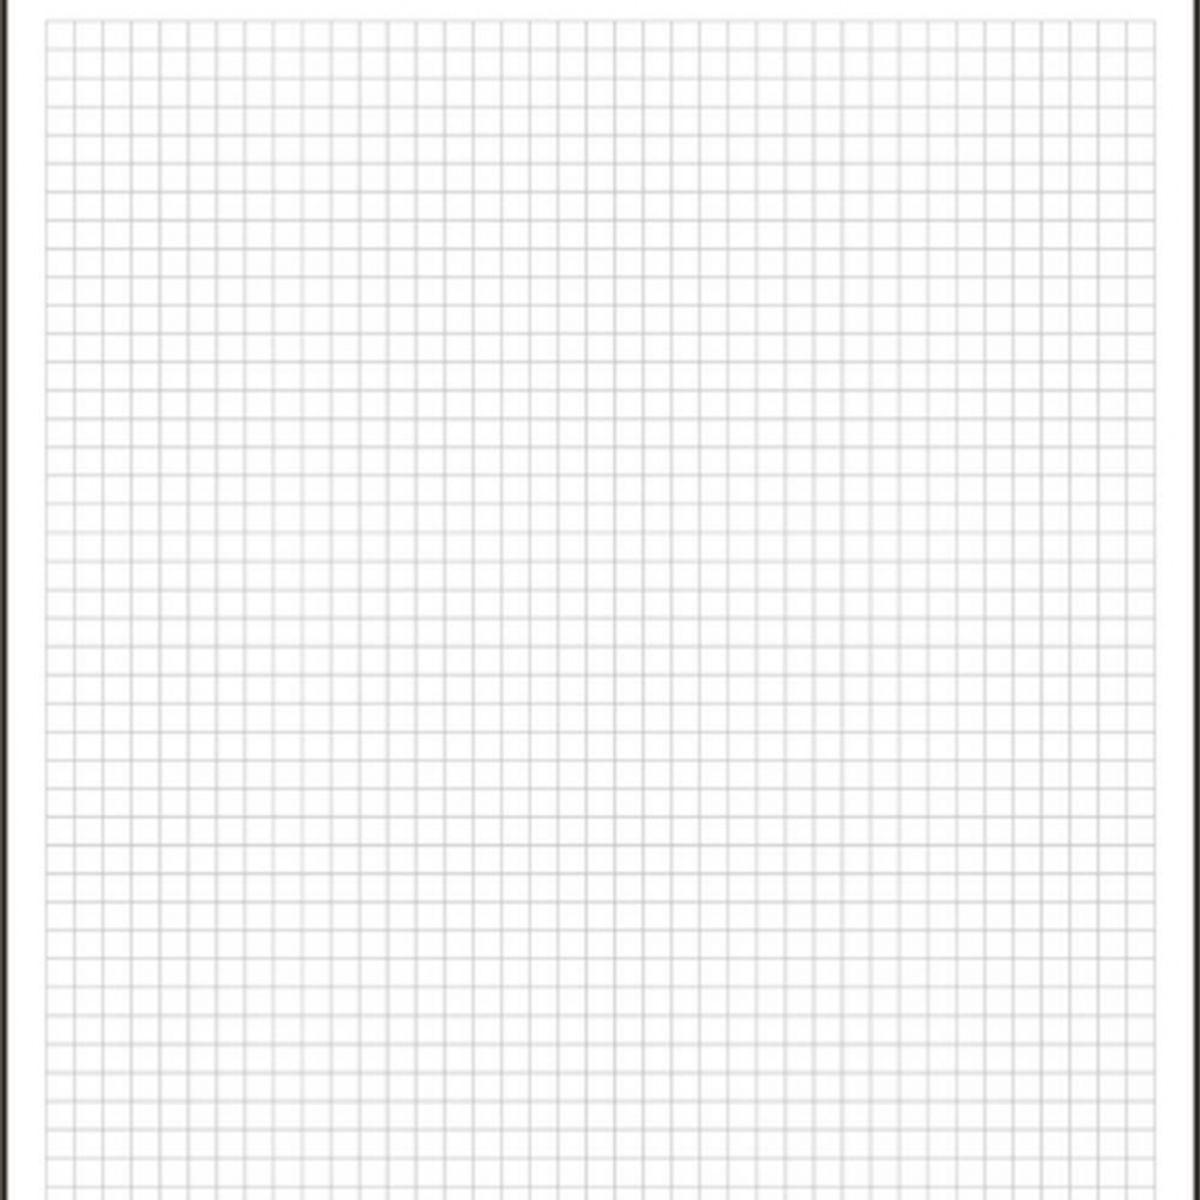 Έντυπα Μηχανογράφησης - ofa3718